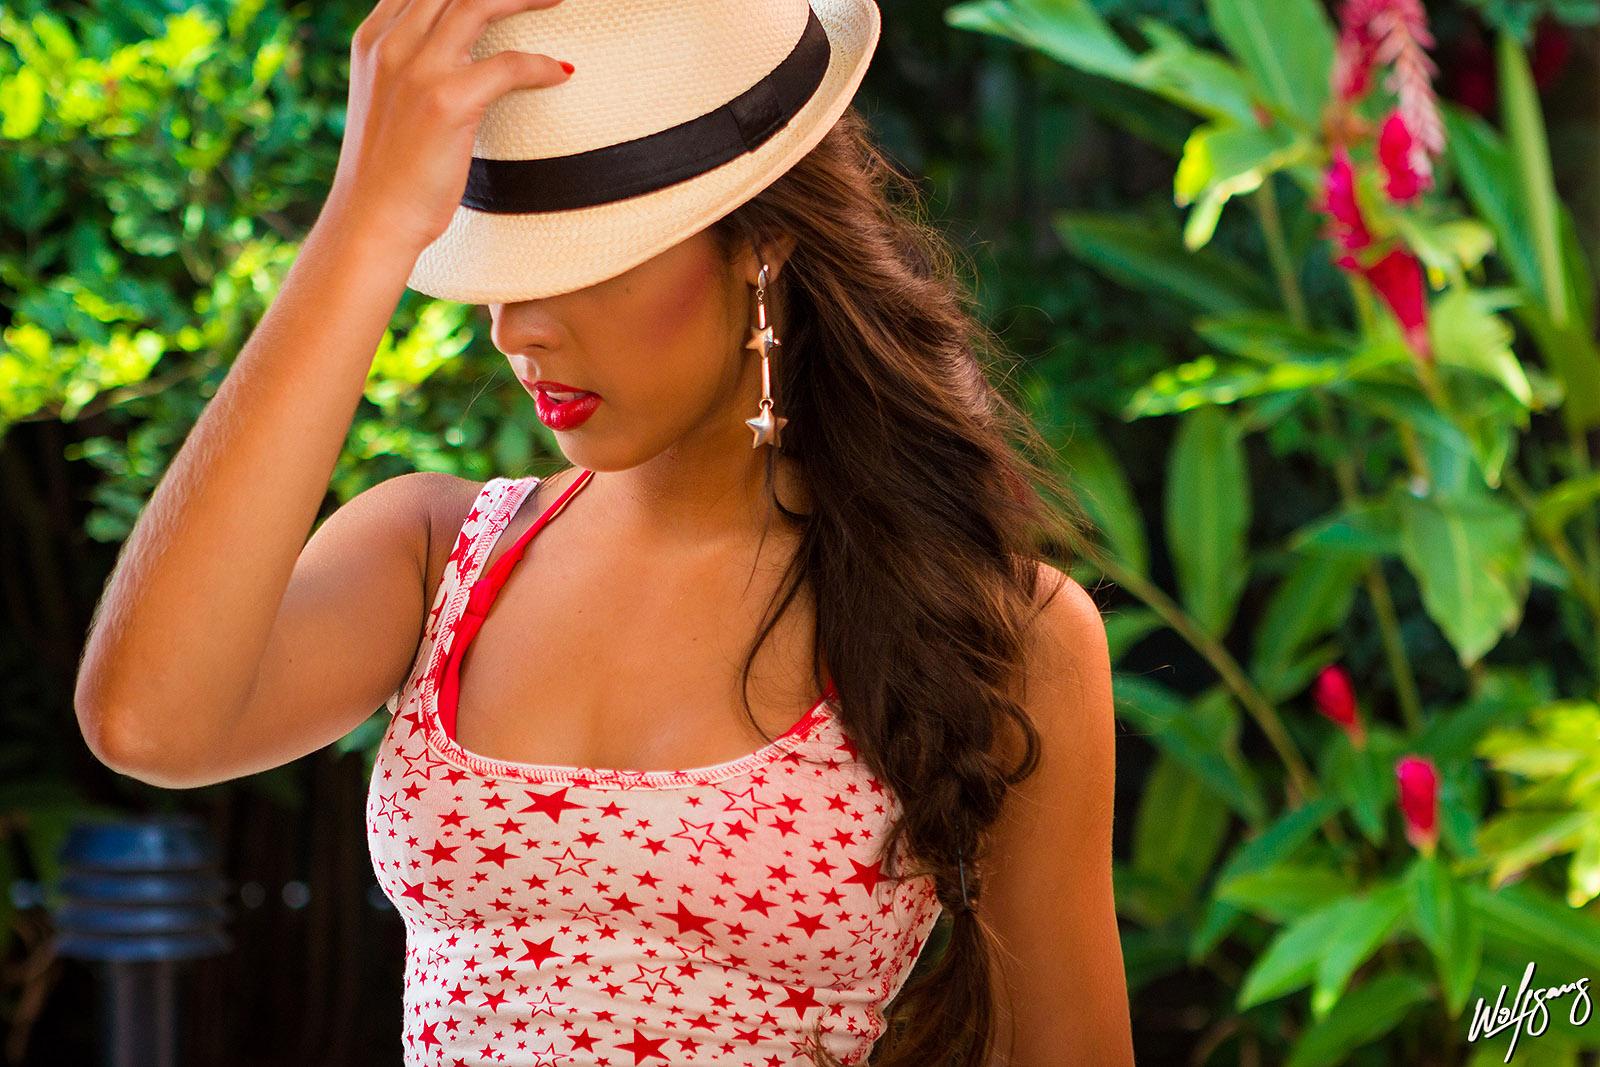 Chica hermosa con sombrero - 1600x1067